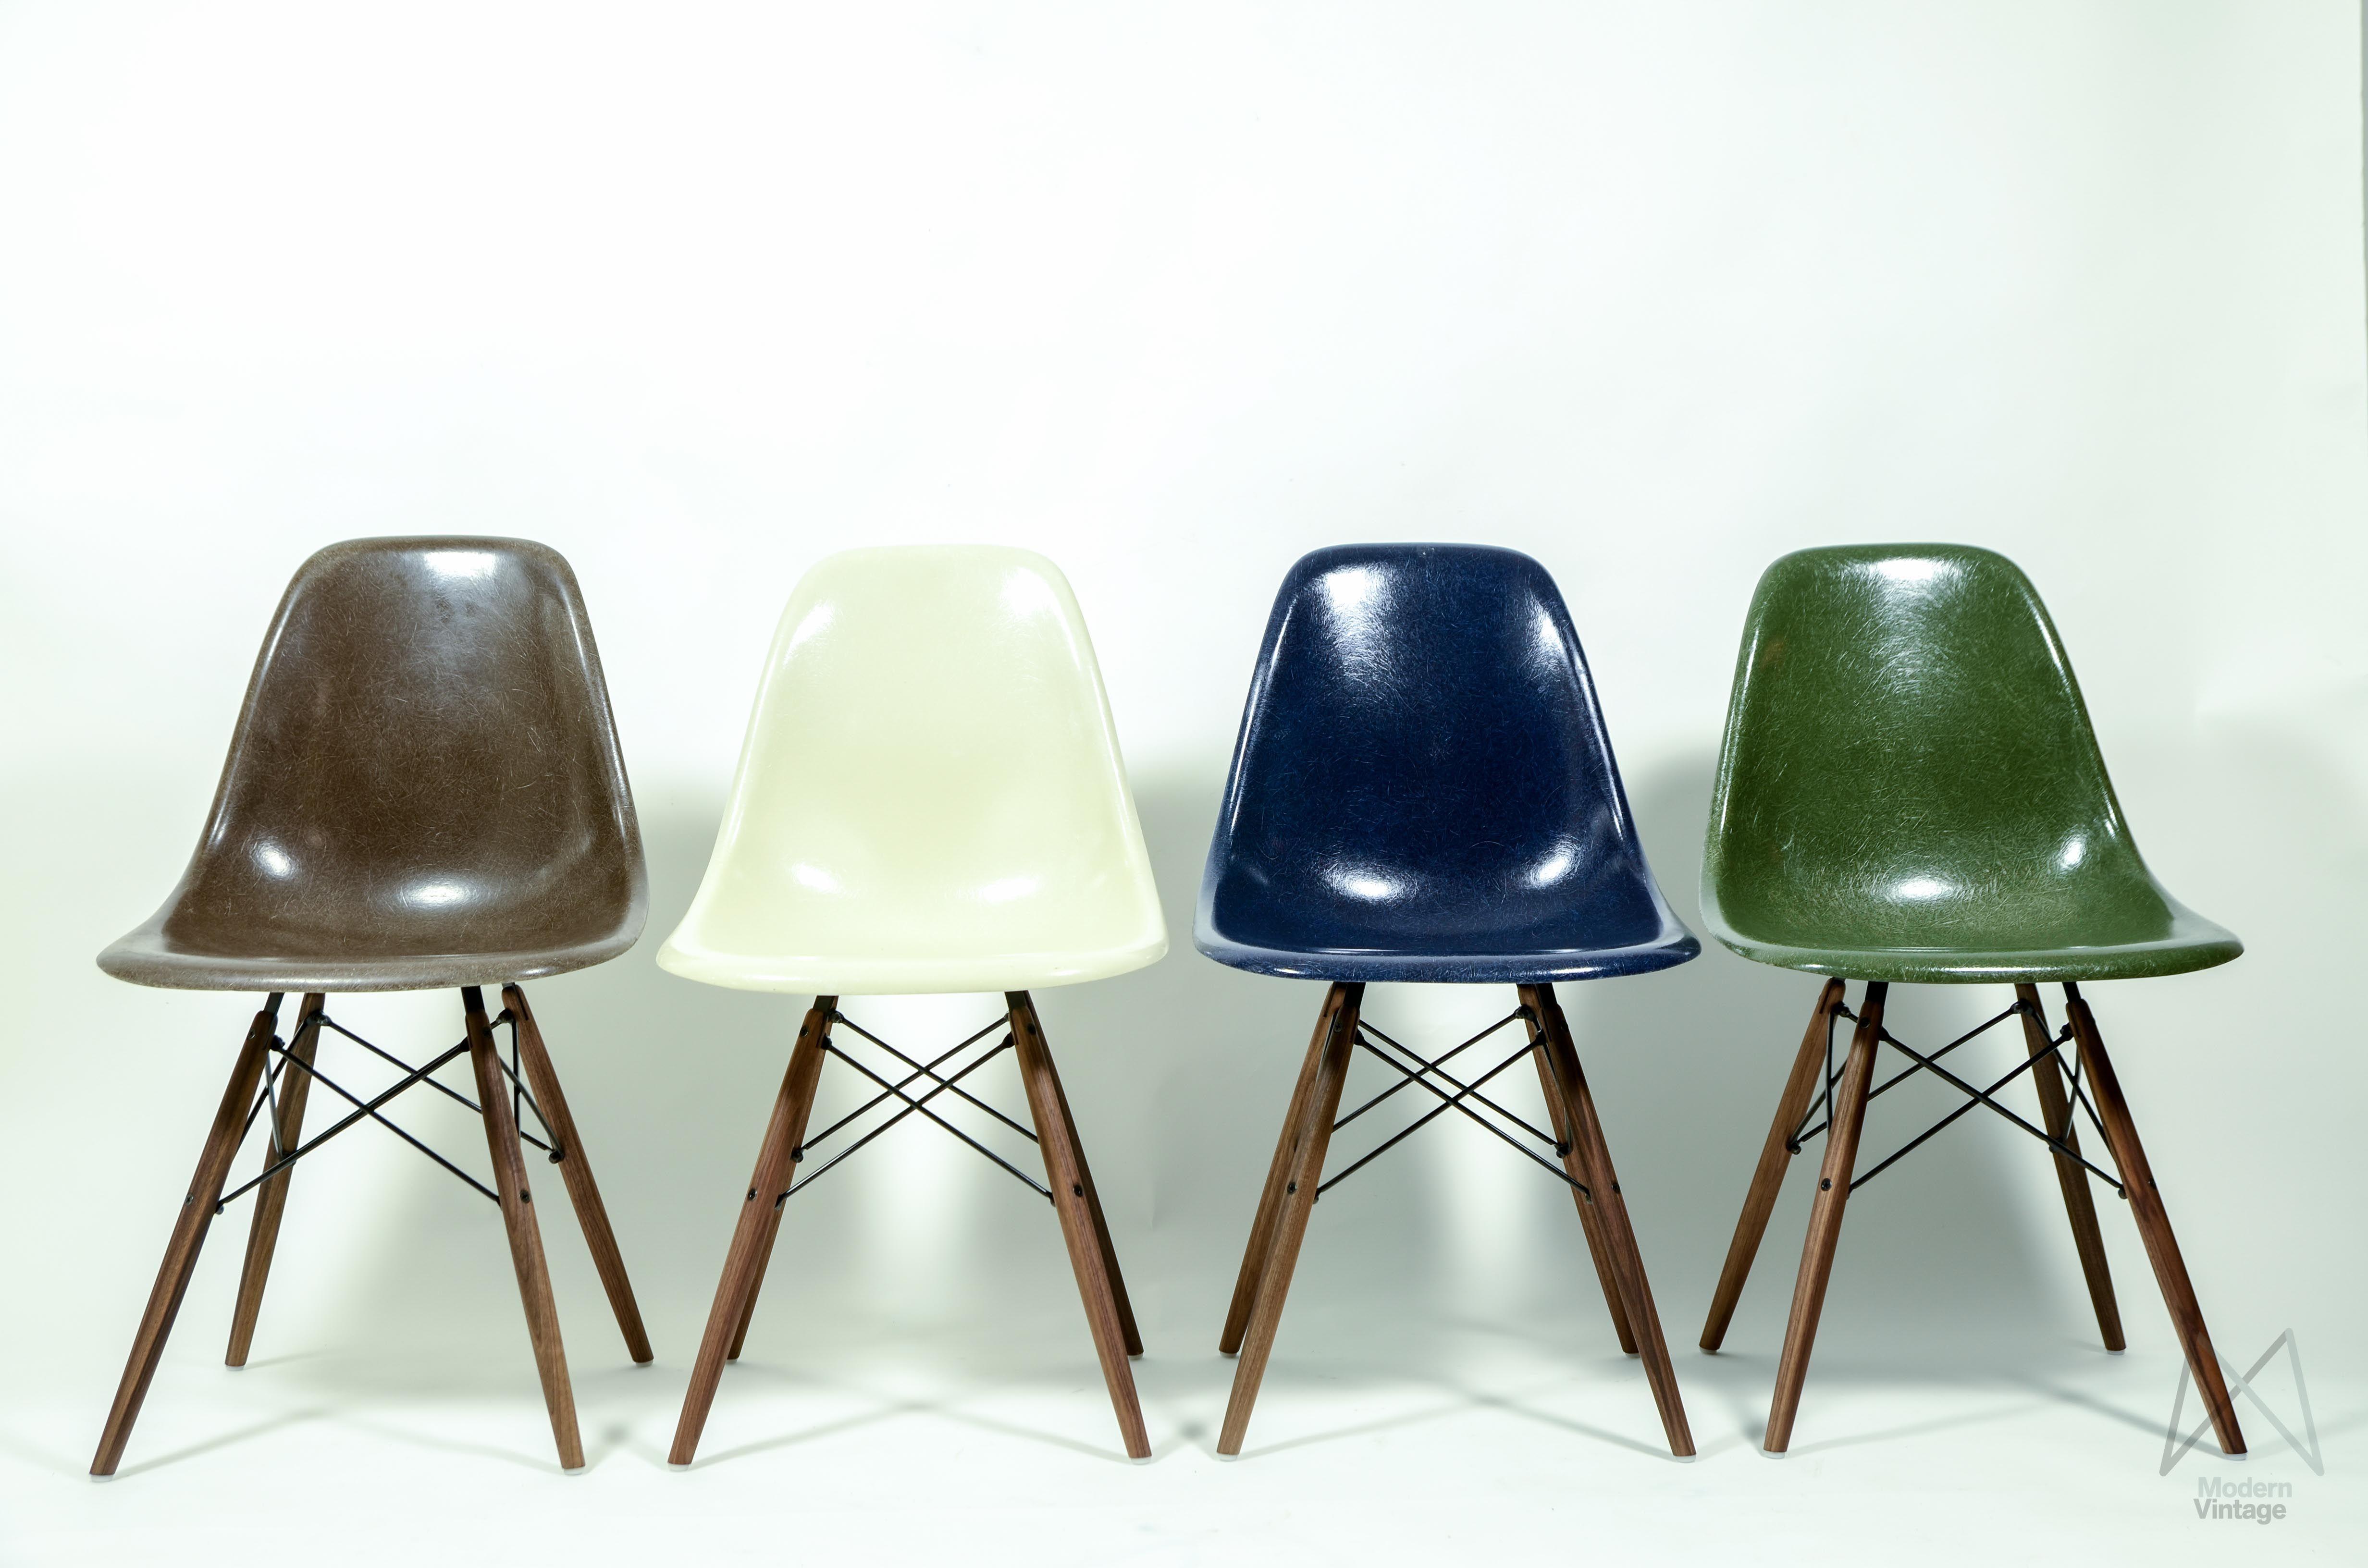 Vintage eames chair - Eames Original Herman Miller Fiberglass Dsw Chair Different Colors